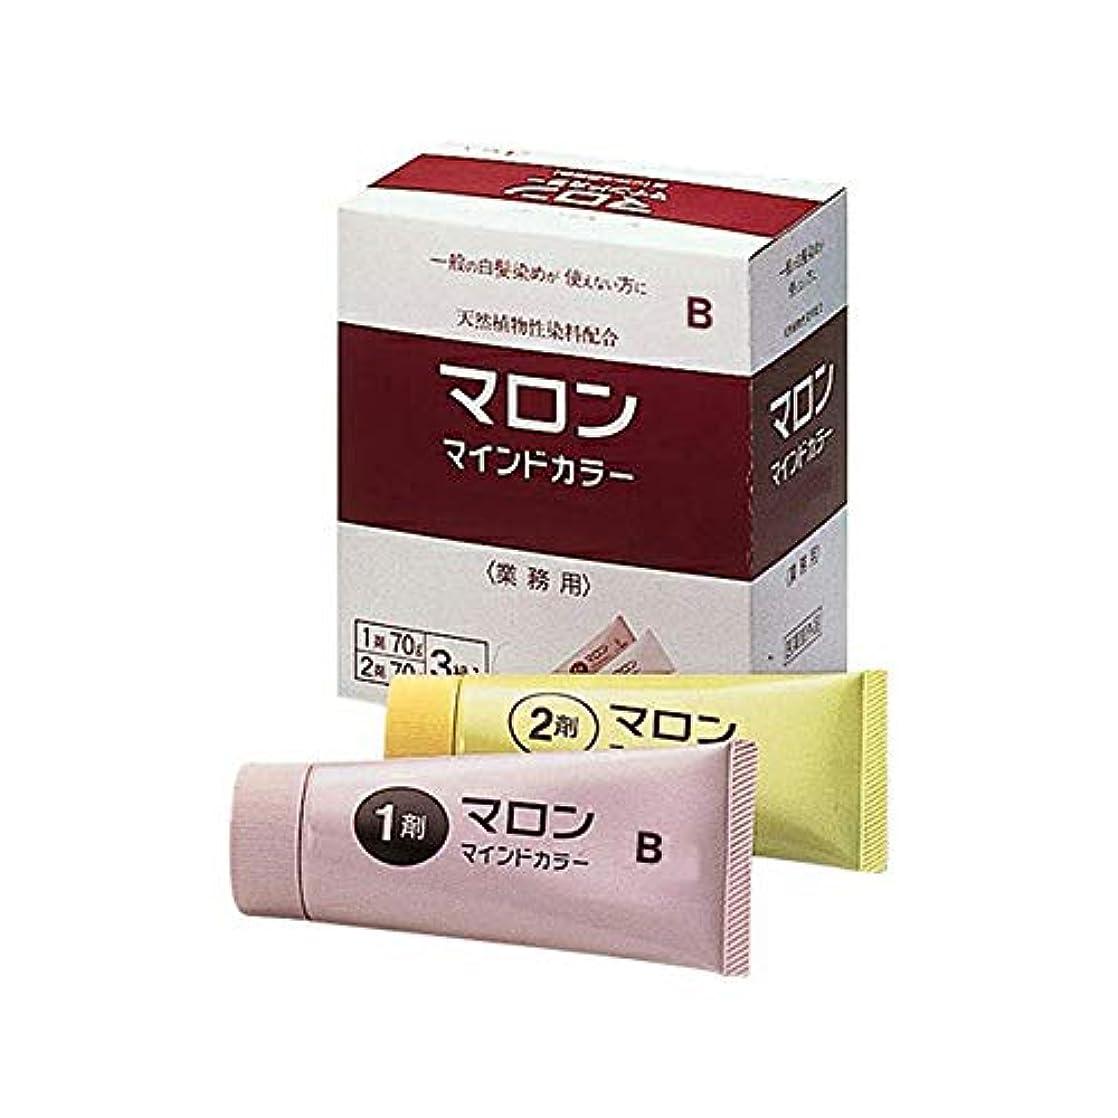 会計士食用略奪【サイオス】マロン マインドカラー B 明るいブラウン 70g×3/70g×3